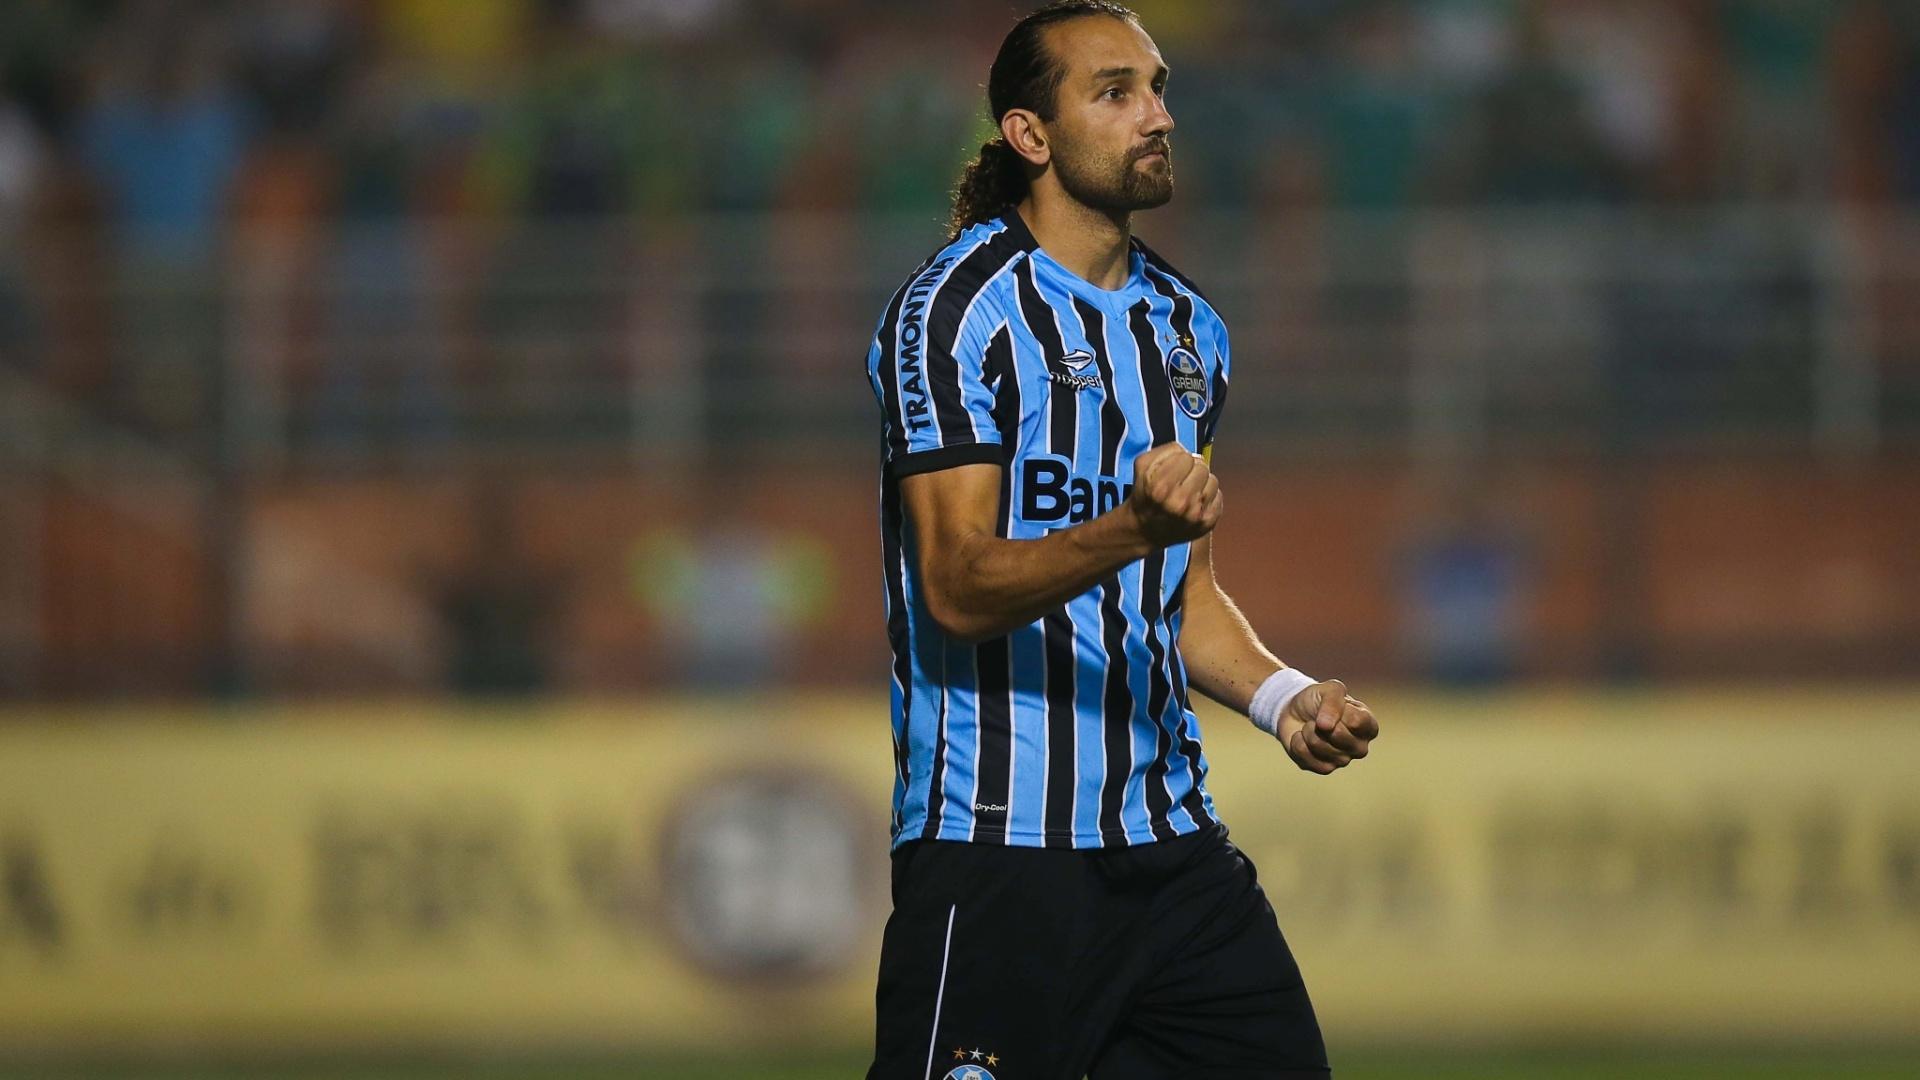 Barcos converteu pênalti feito por Valdivia e deixou o Grêmio em vantagem